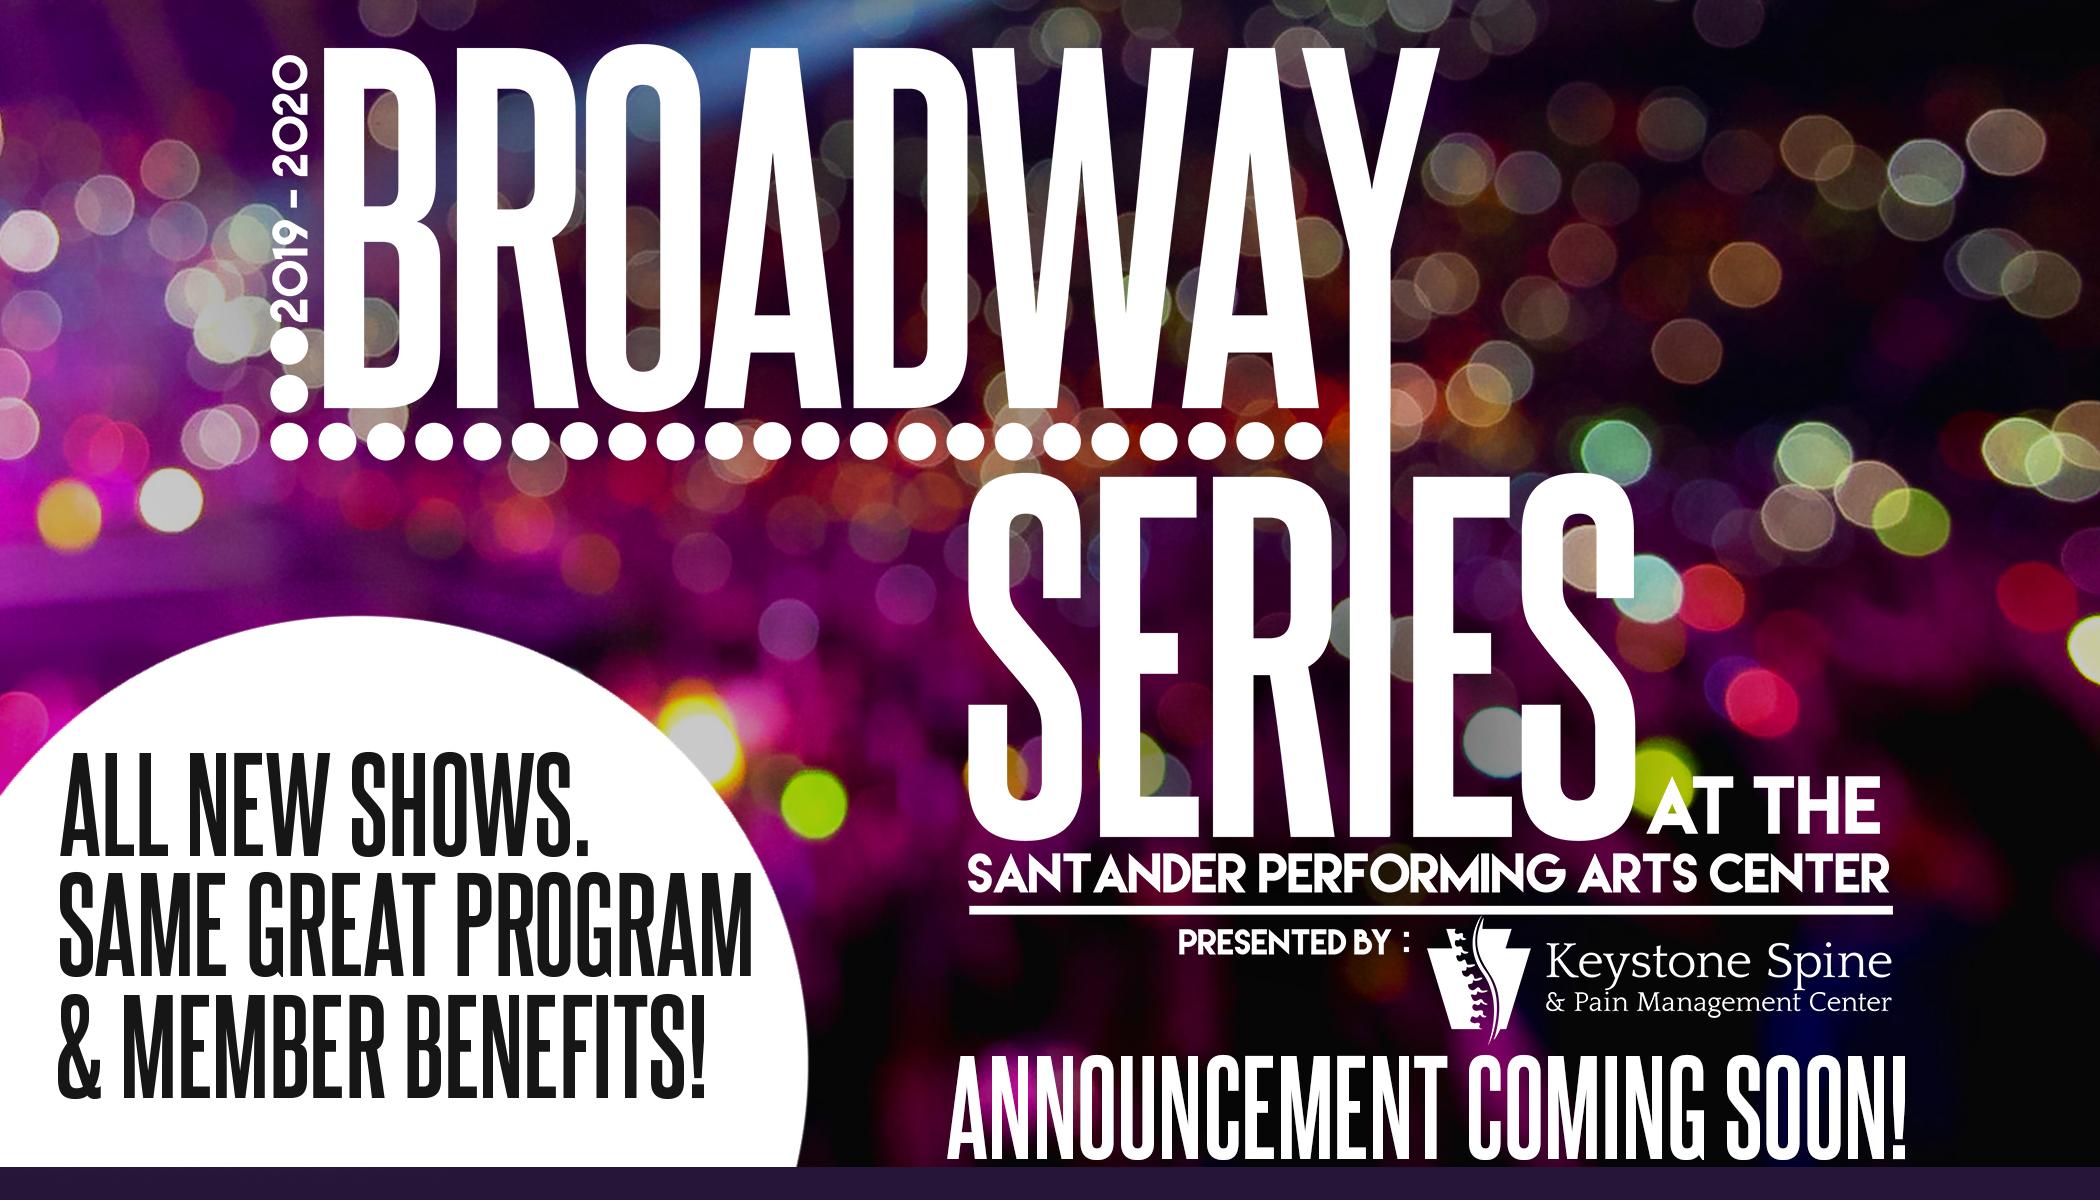 2020 Broadway Season Announcement Coming Soon — Santander Arena